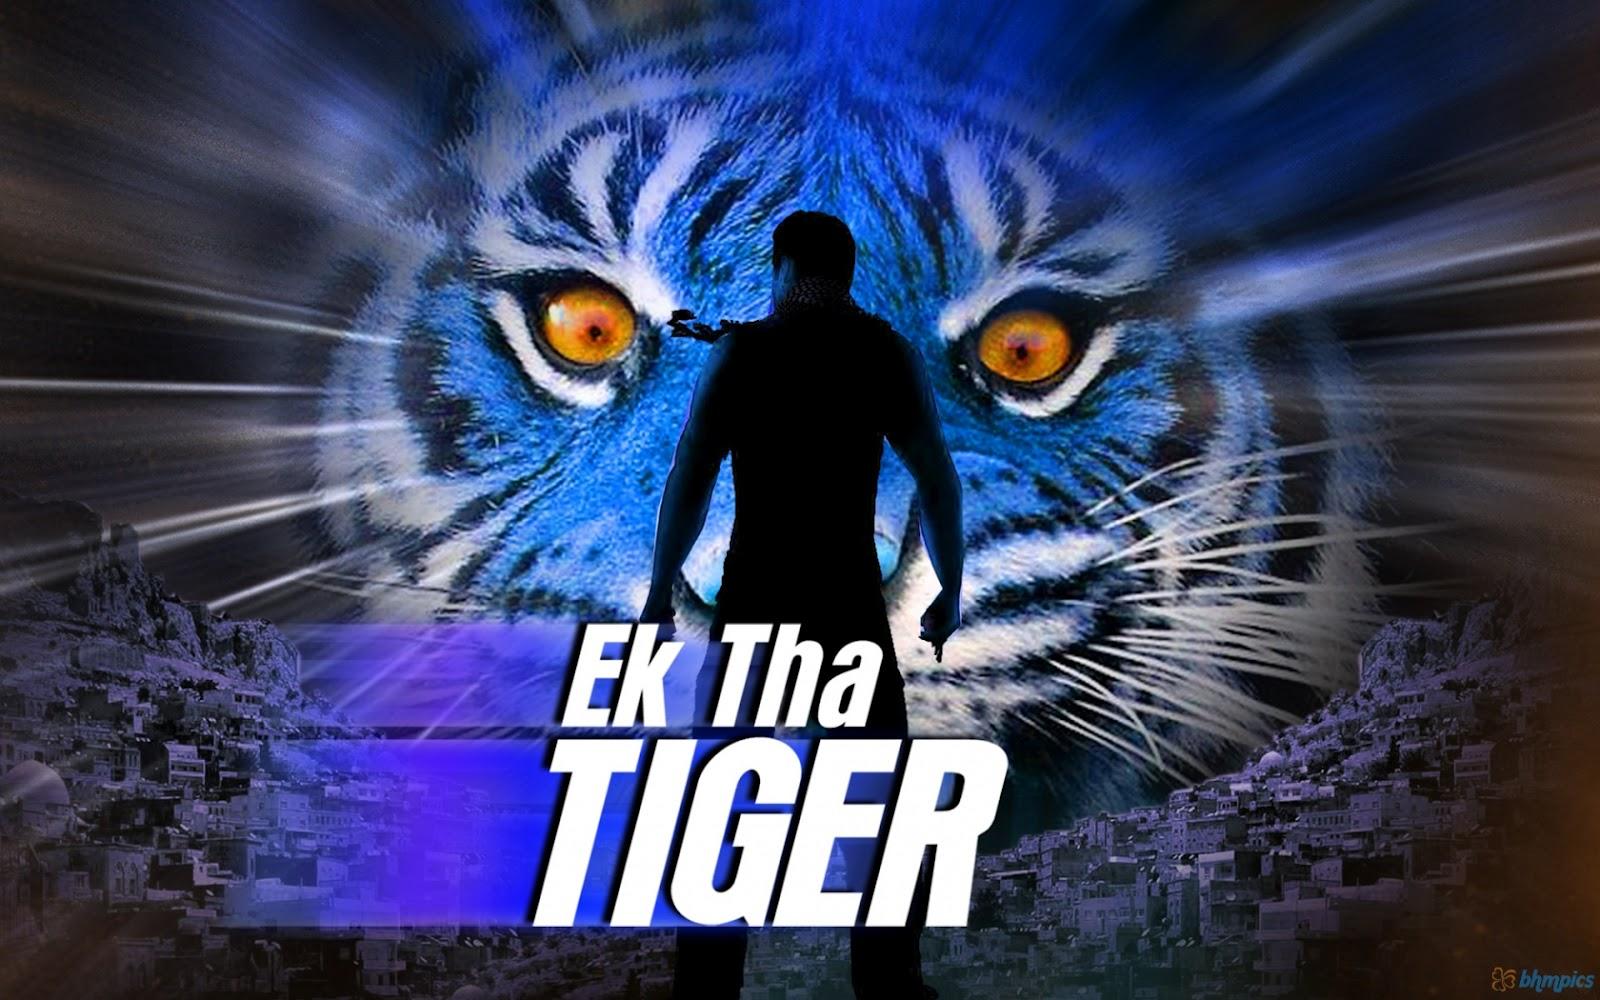 http://2.bp.blogspot.com/-vHHxFDPhmaI/T-9yW7Heg1I/AAAAAAAAAgc/64LD74-q3l8/s1600/ek_tha_tiger.jpg